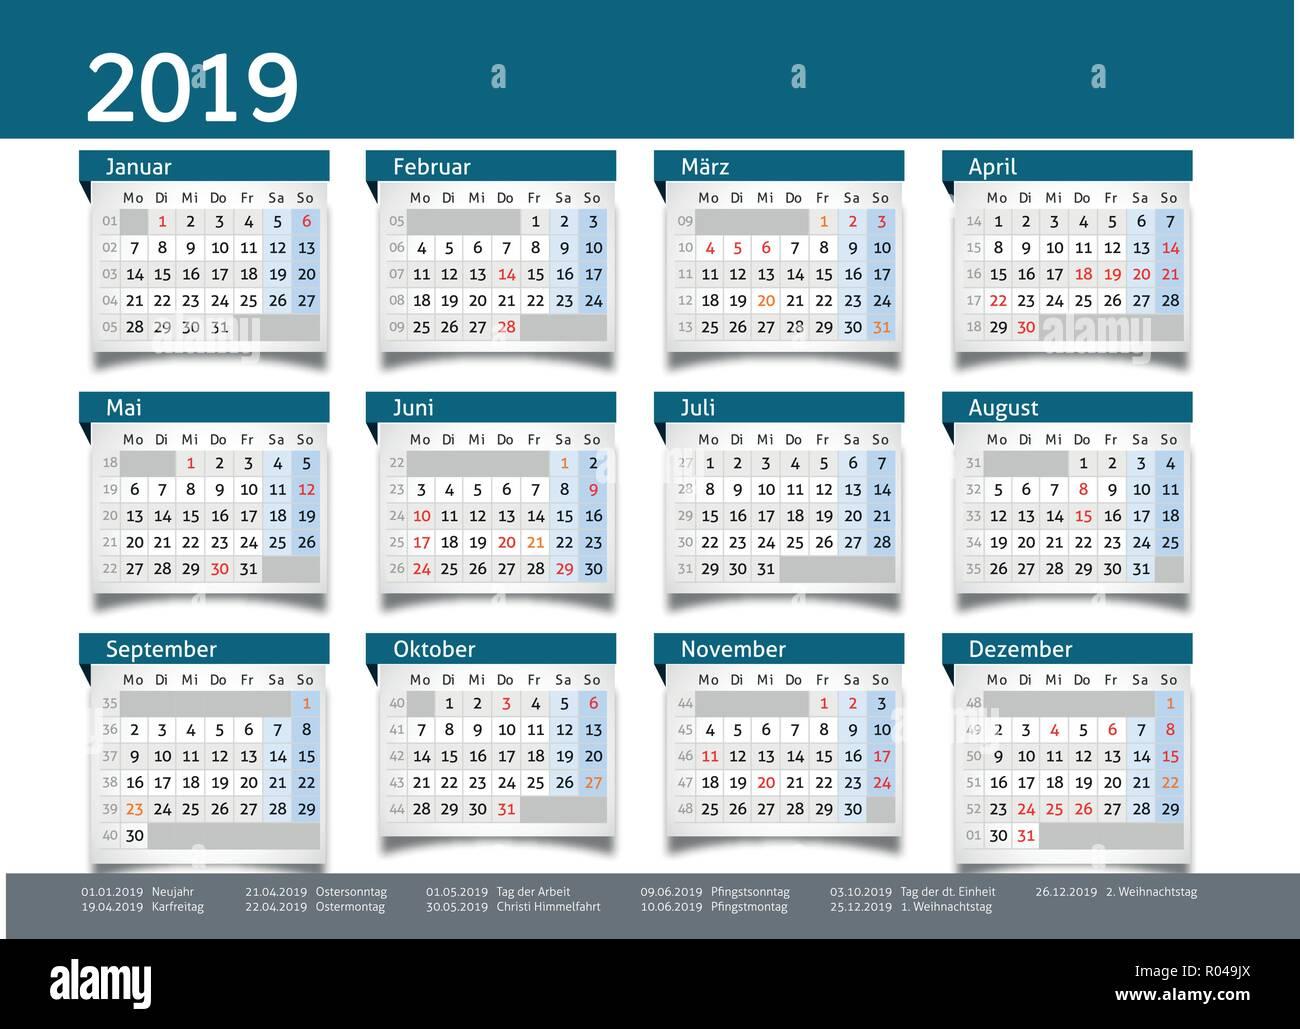 Calendrier De Poche 2019.Calendrier 2019 Planificateur Annuel D Affaires Vecteur An